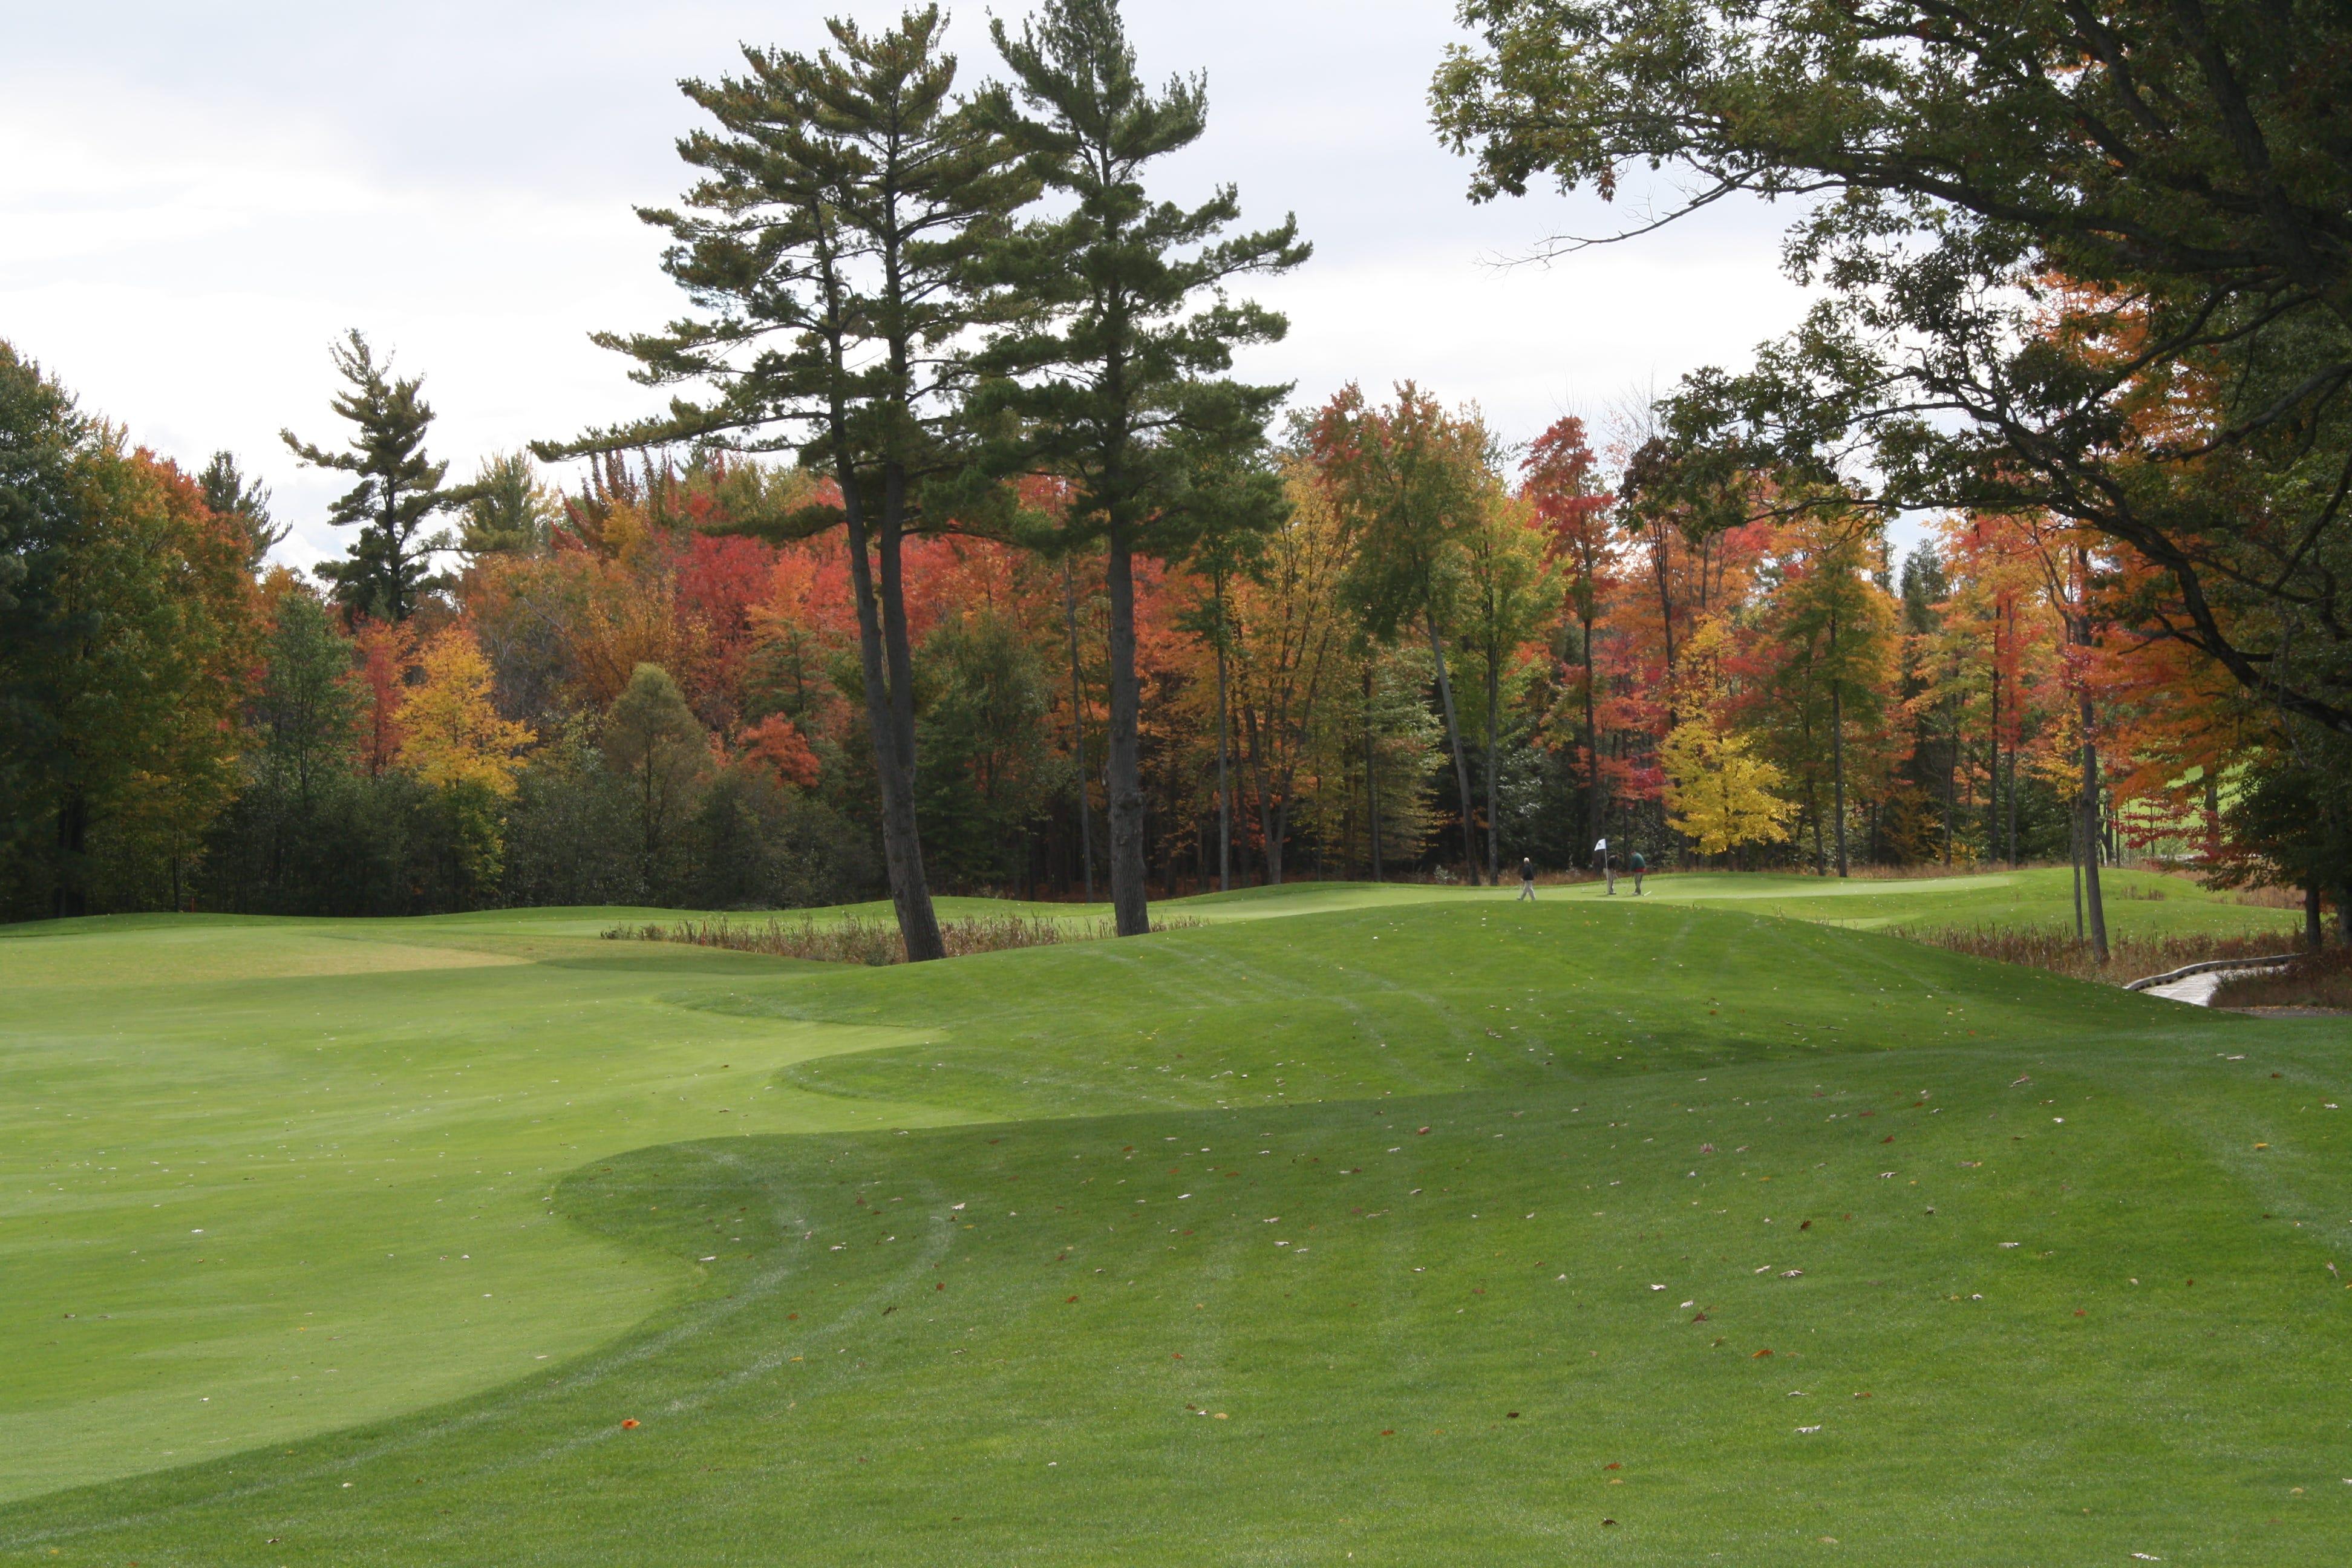 Typical amateur golfers scores